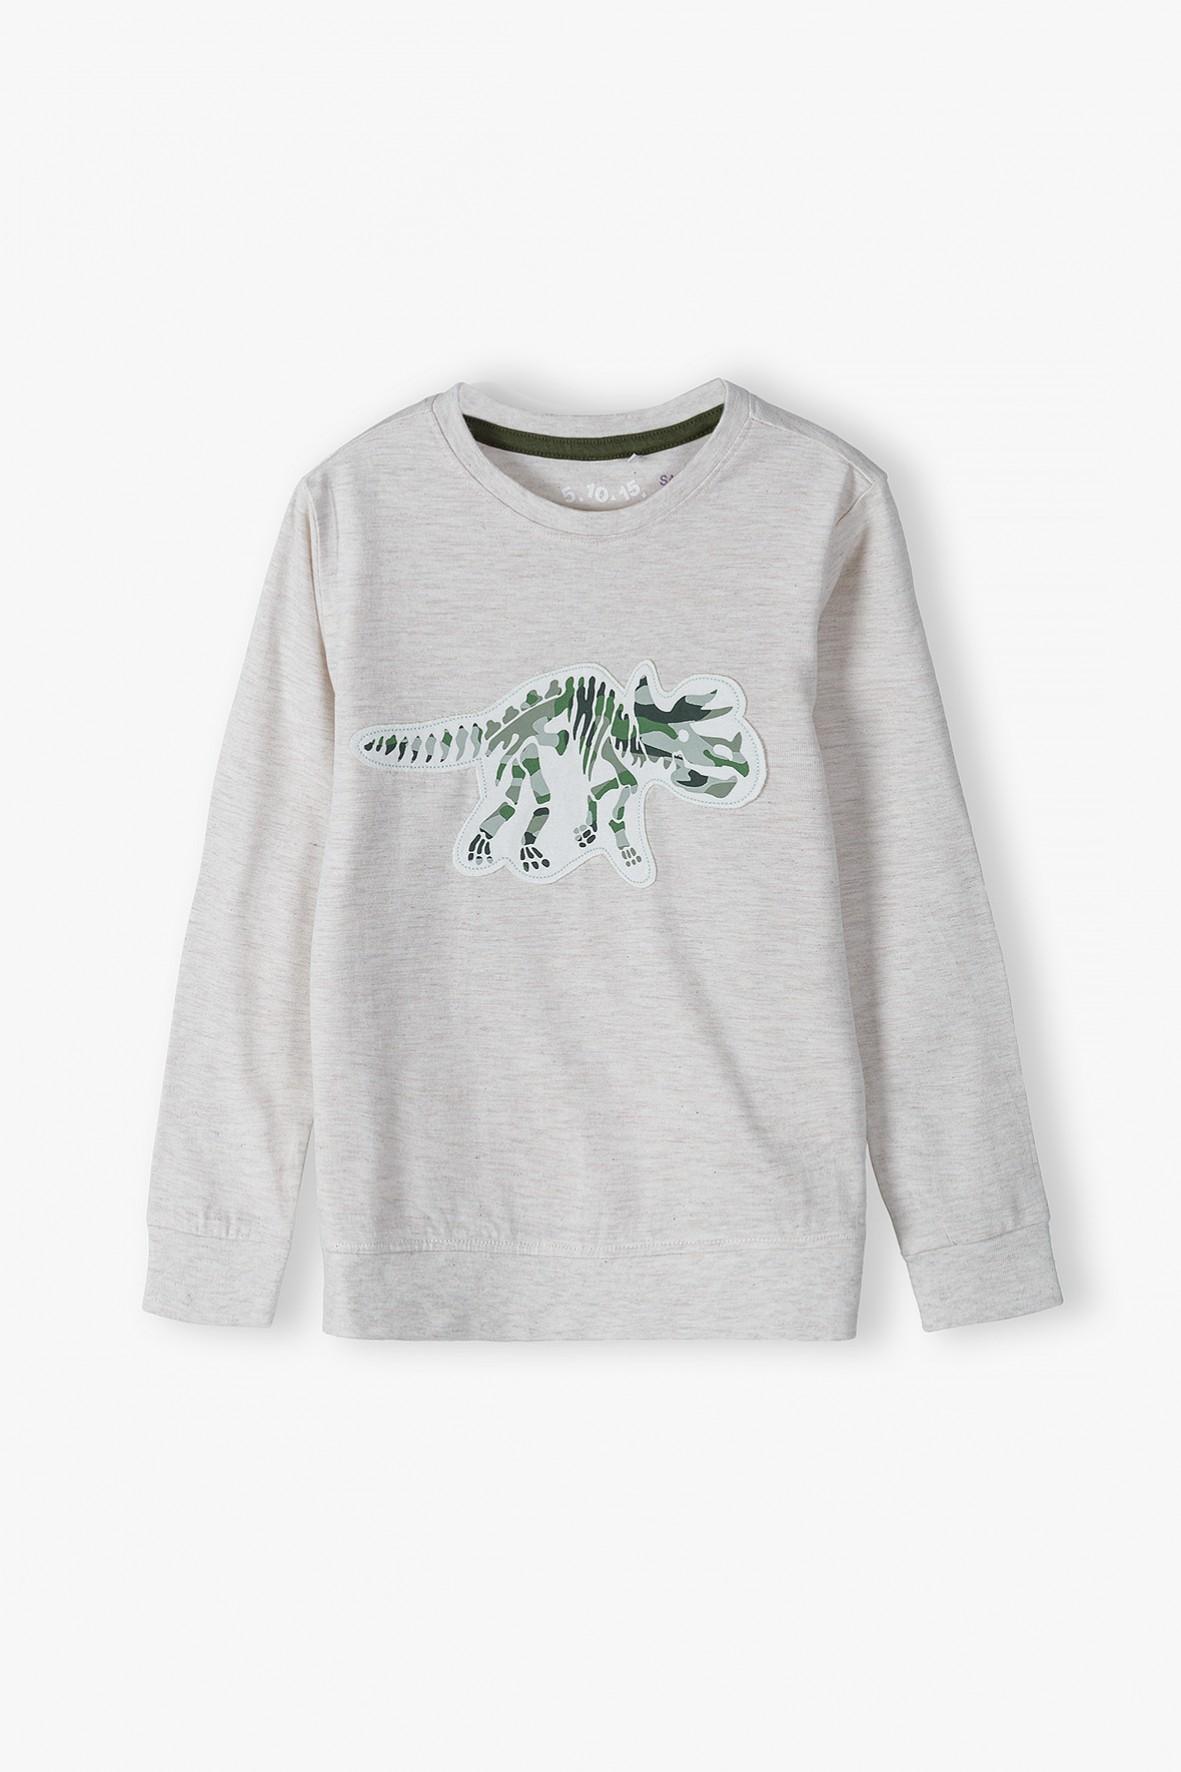 Bluzka chłopięca z długim rękawem w kolorze szarym z dinozaurem